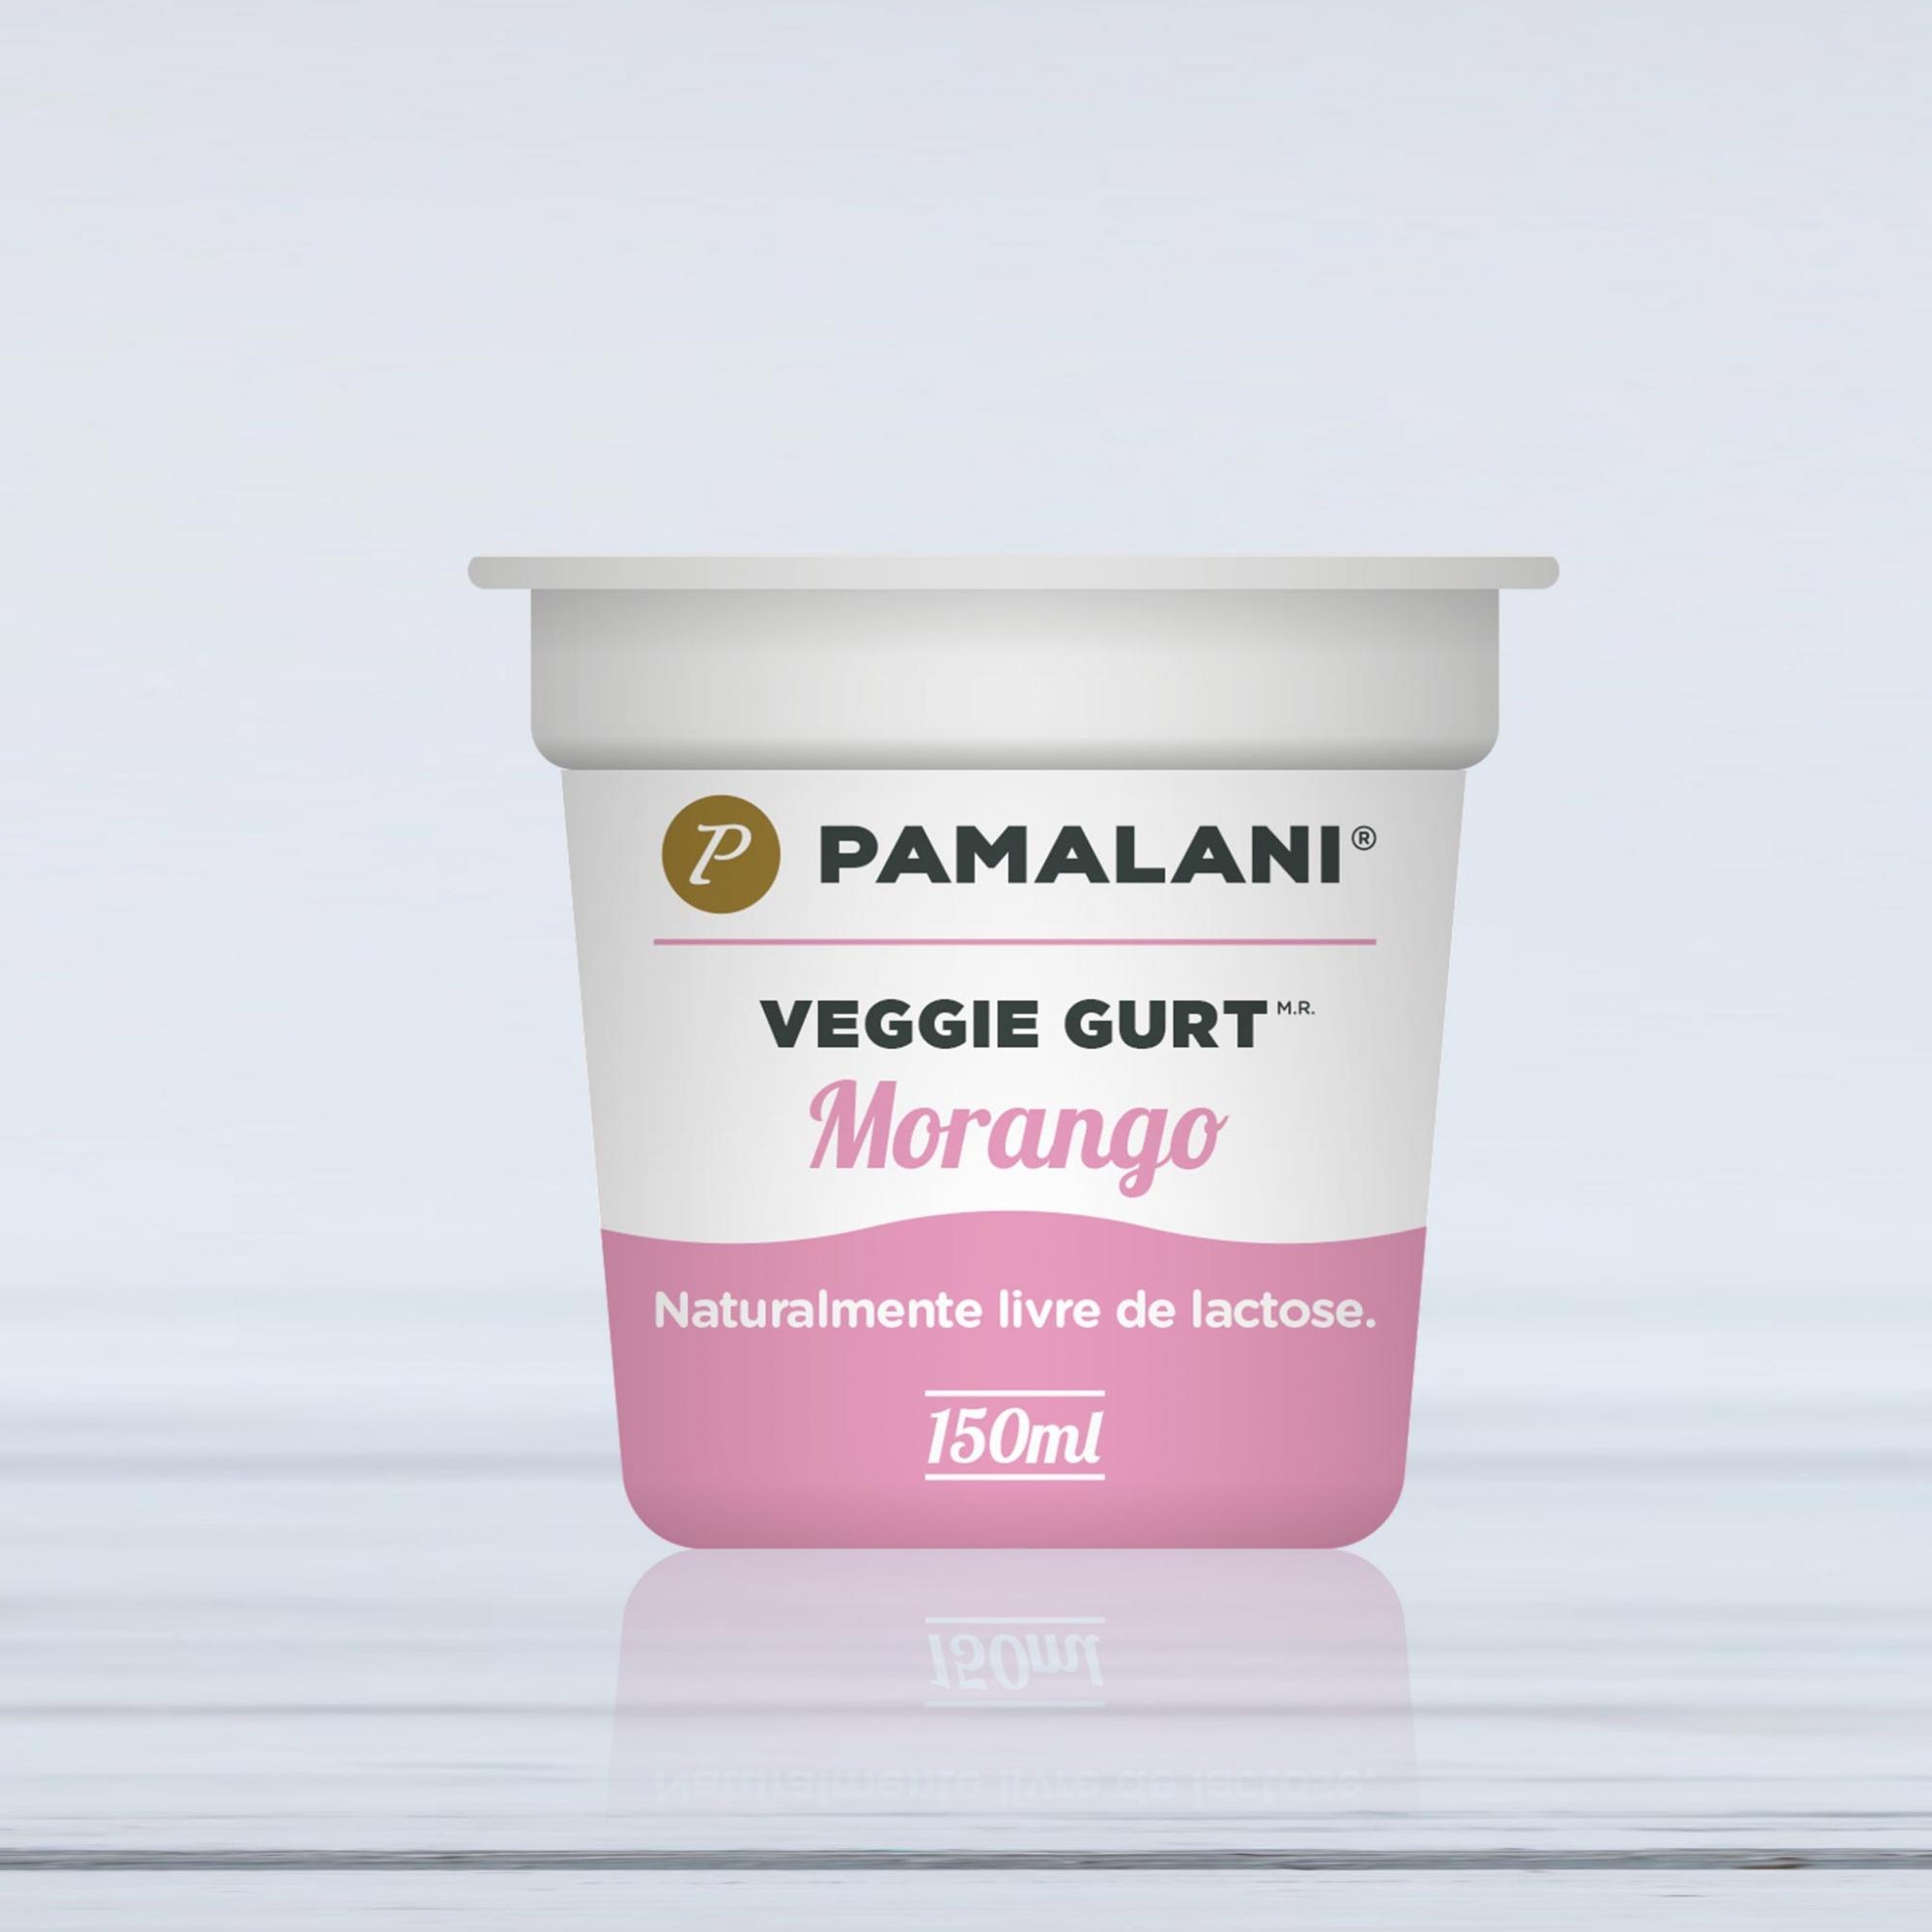 Veggie Gurt Morango 150ml